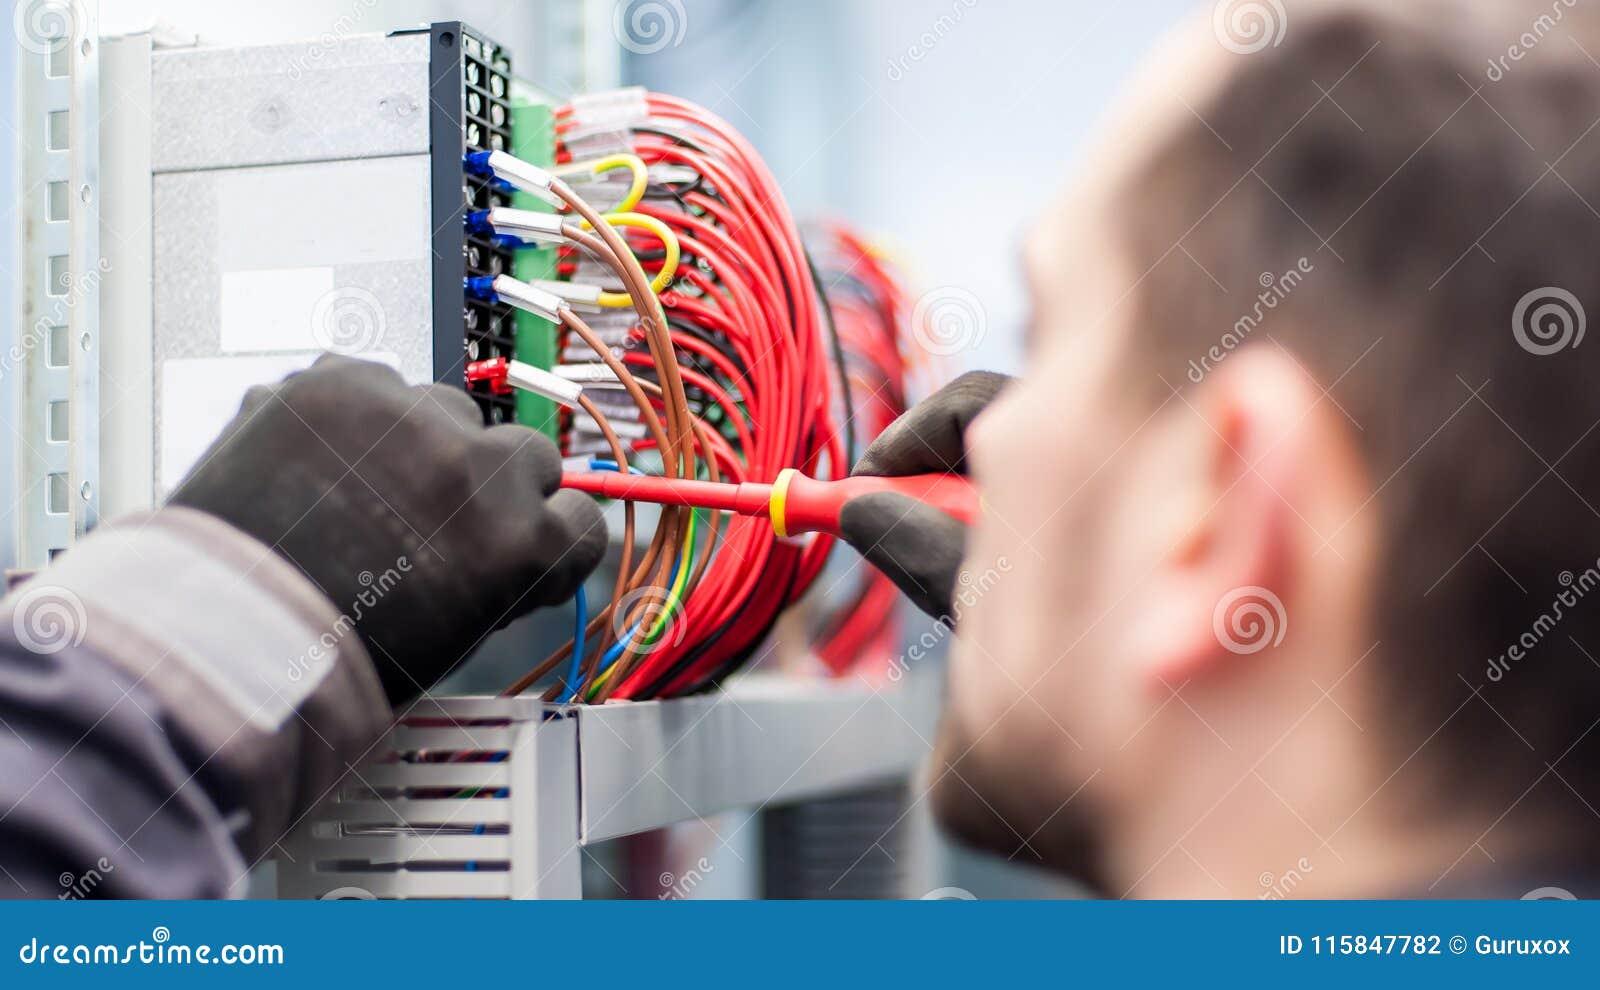 Closeupen av elektrikerteknikern arbetar med trådar för elektrisk kabel